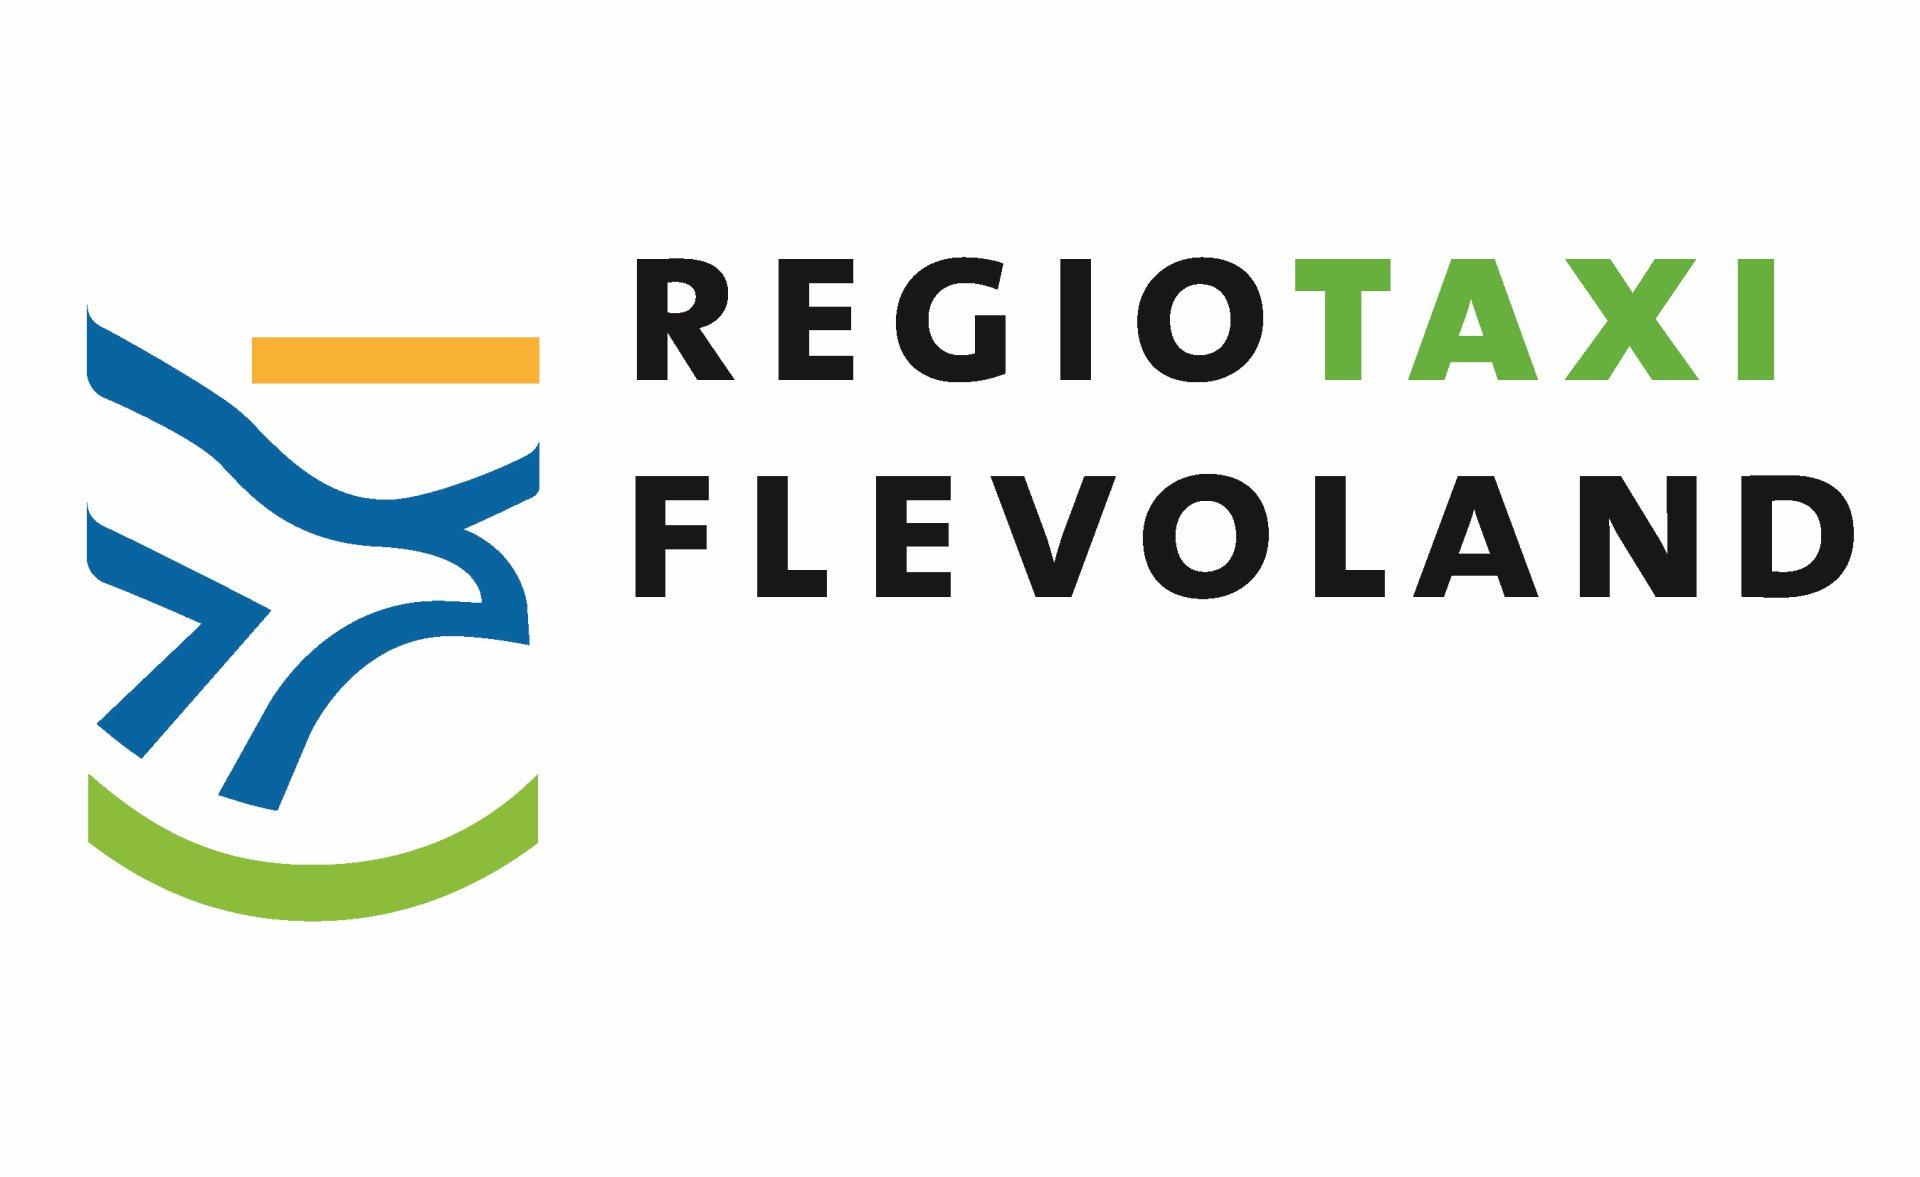 Logo Regiotaxi Flevoland